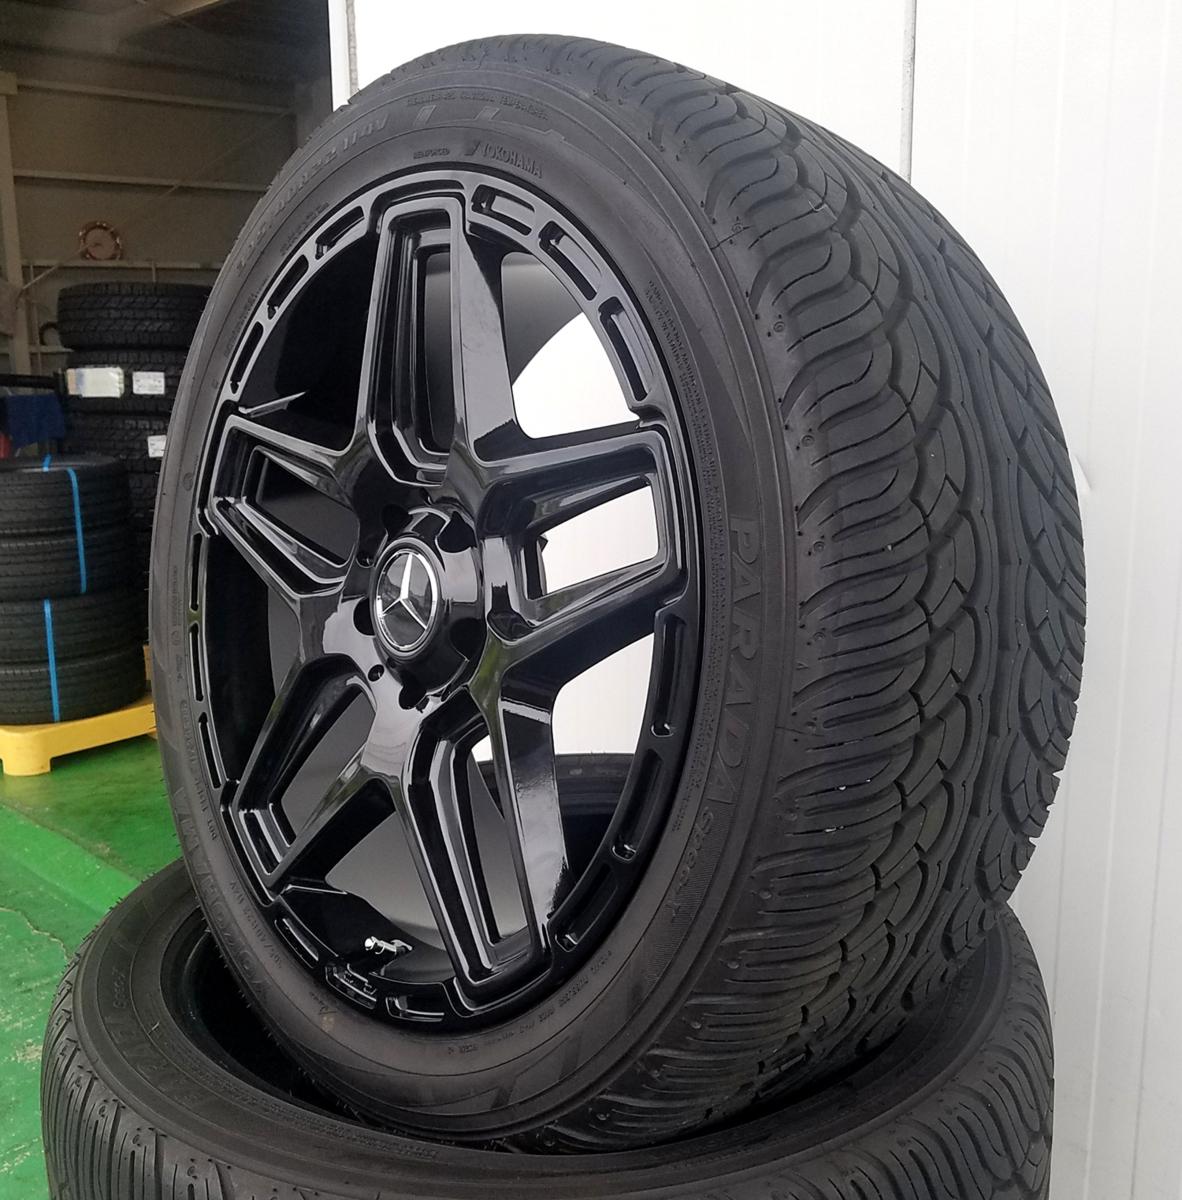 国産タイヤset LEXXEL Anthem メルセデス ベンツ Gクラス ゲレンデ G63 G65 G550 G500 G350 YOKOHAMA PARADA SPEC-X 285/45R22 22インチ_画像8